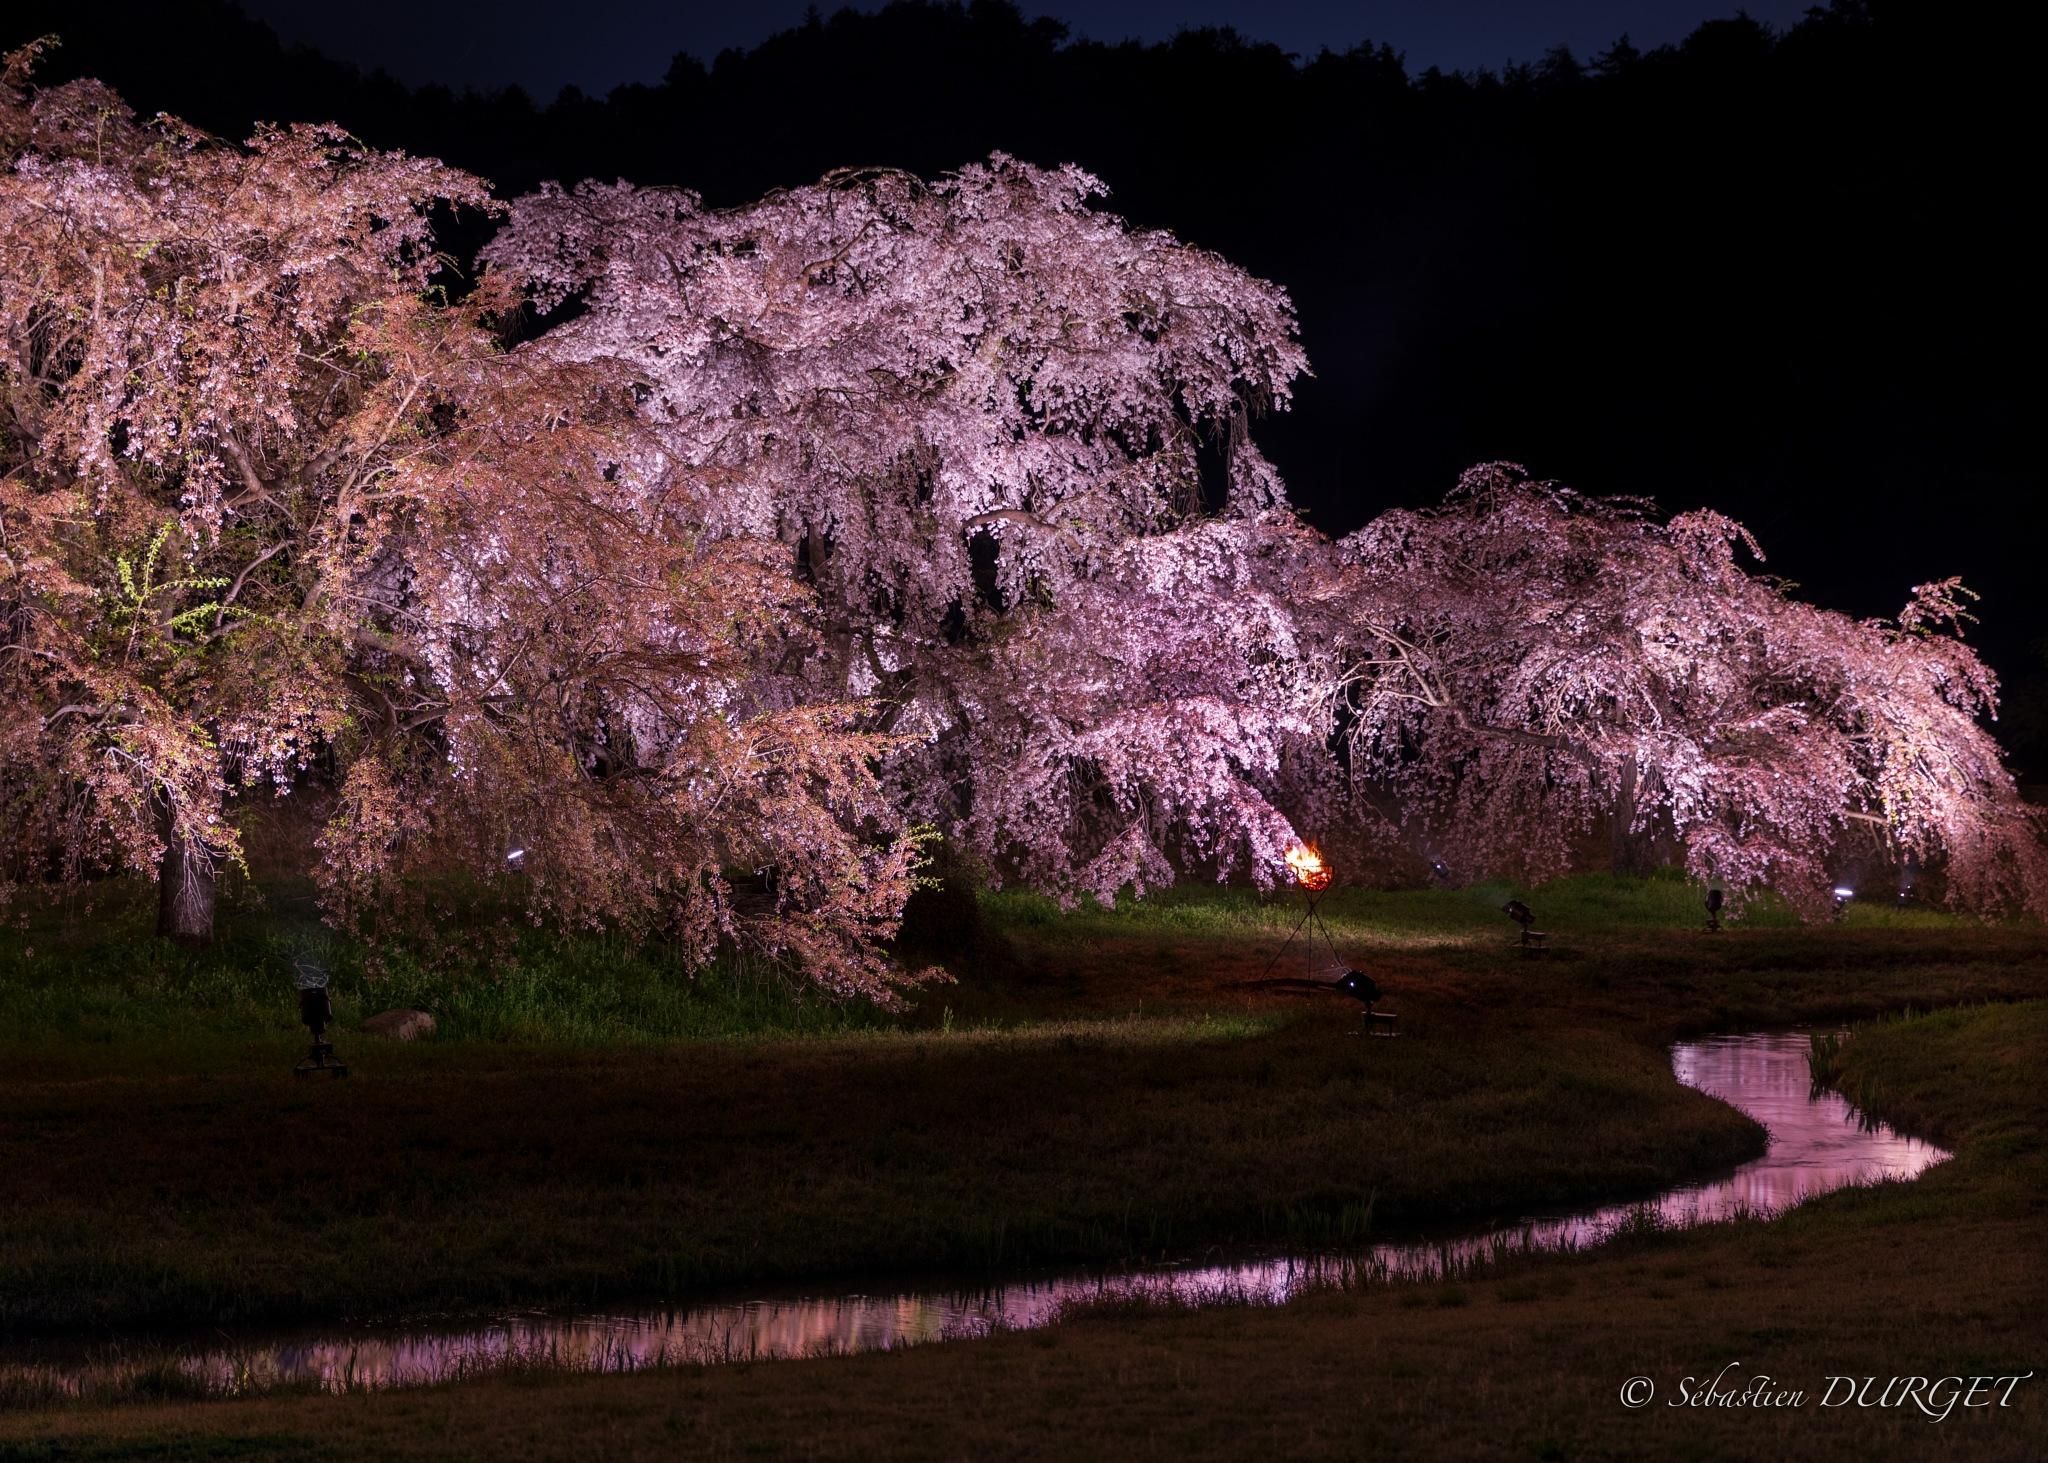 Small river in front Sakura night by Sébastien